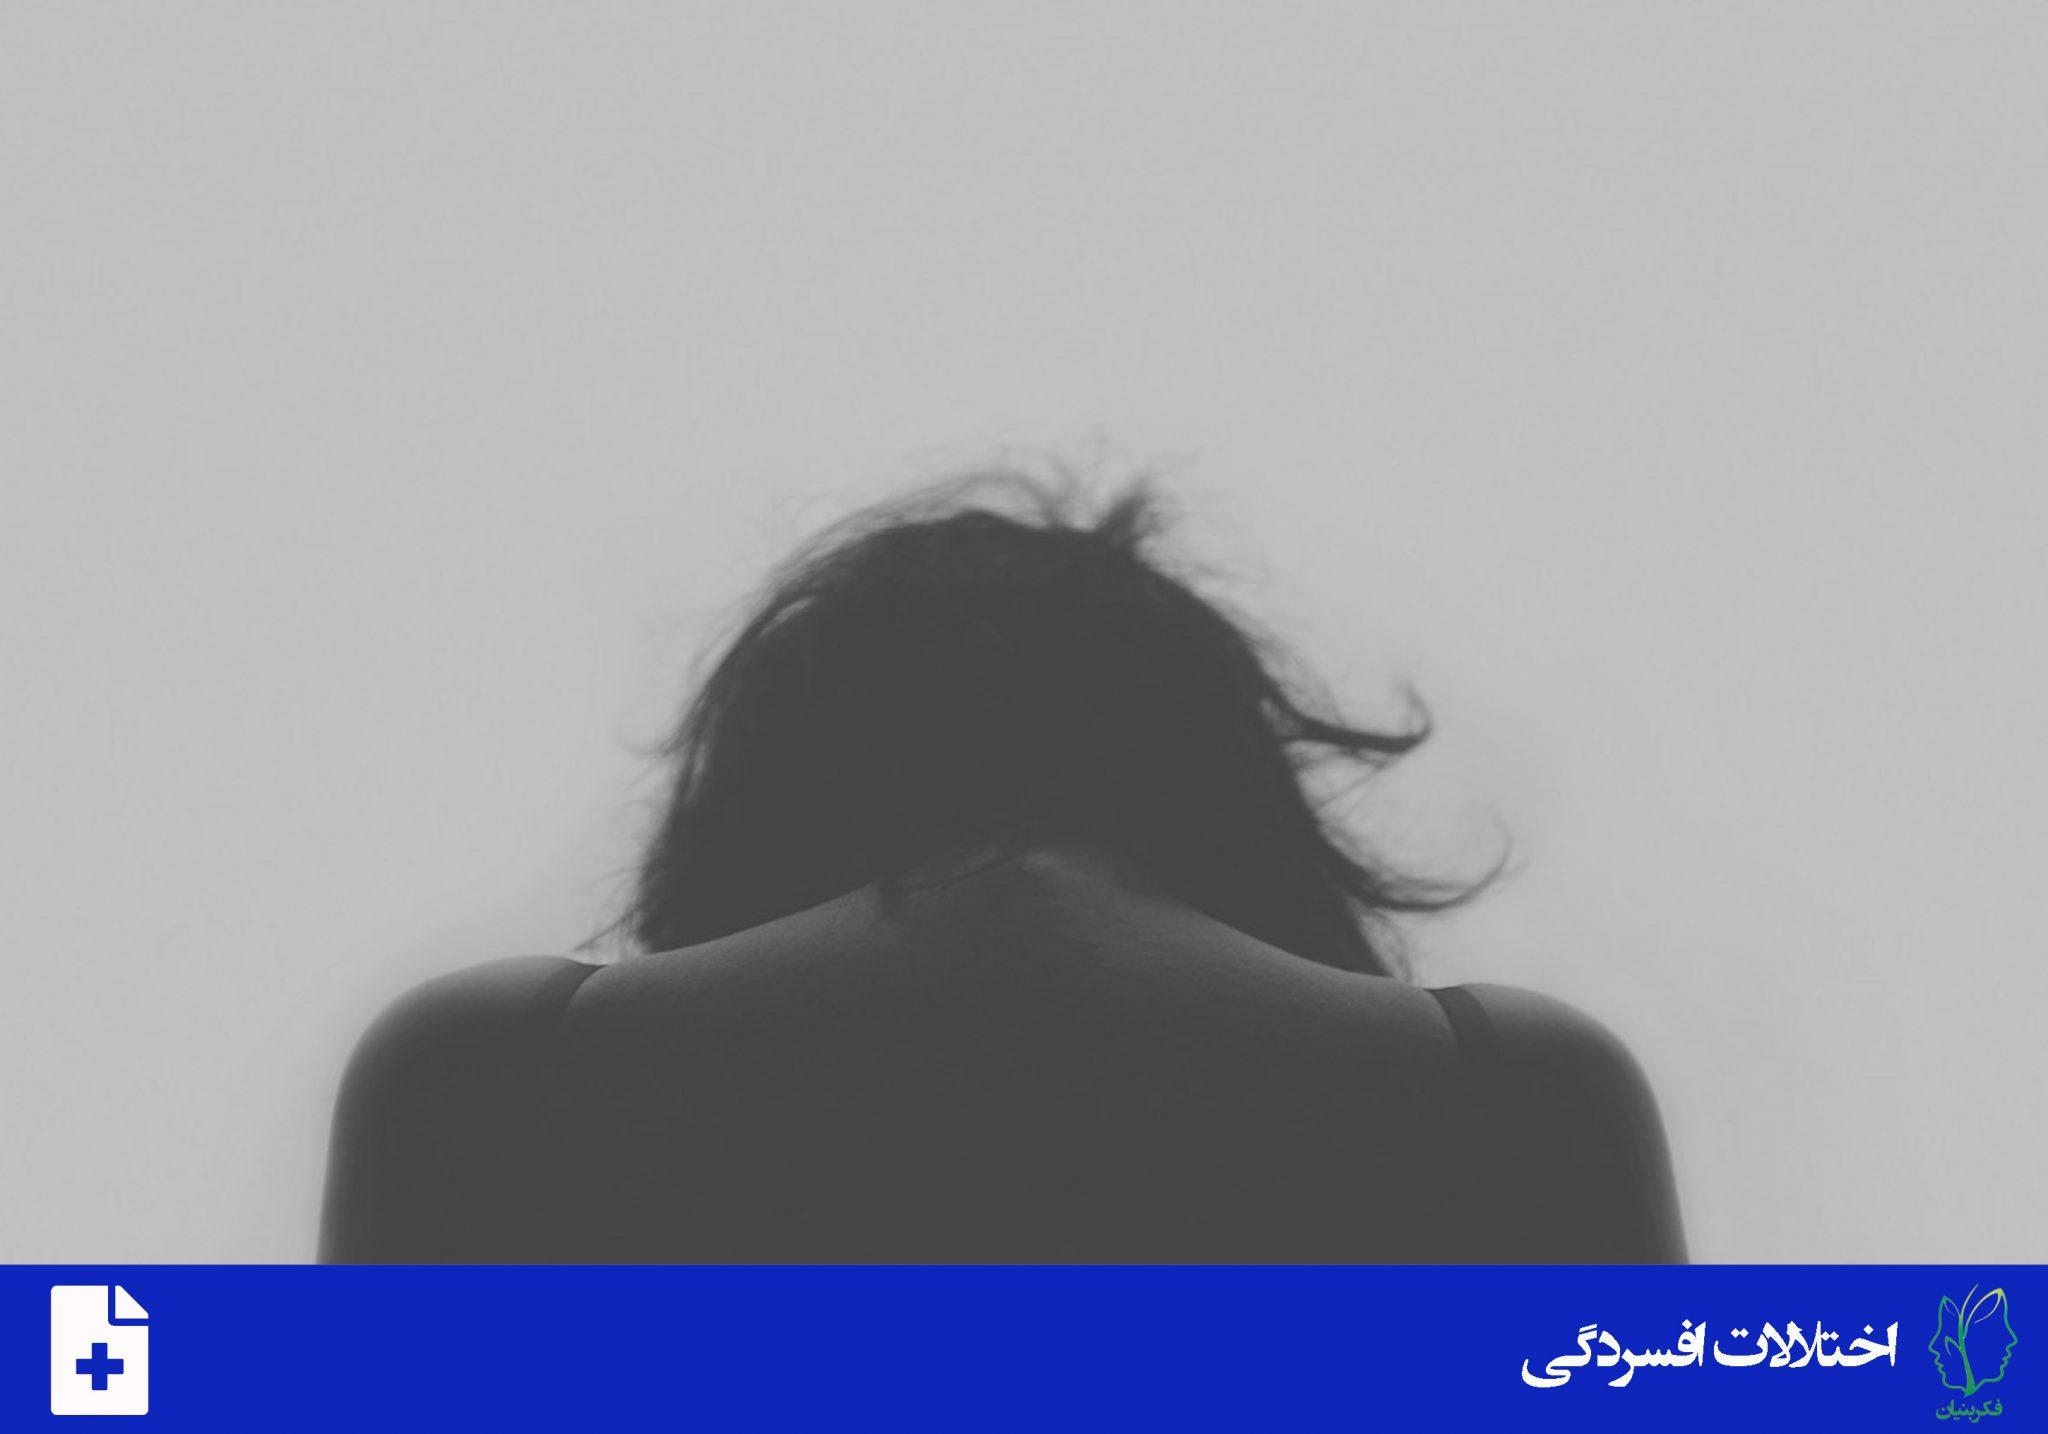 اختلال افسردگی مداوم یا افسرده خویی